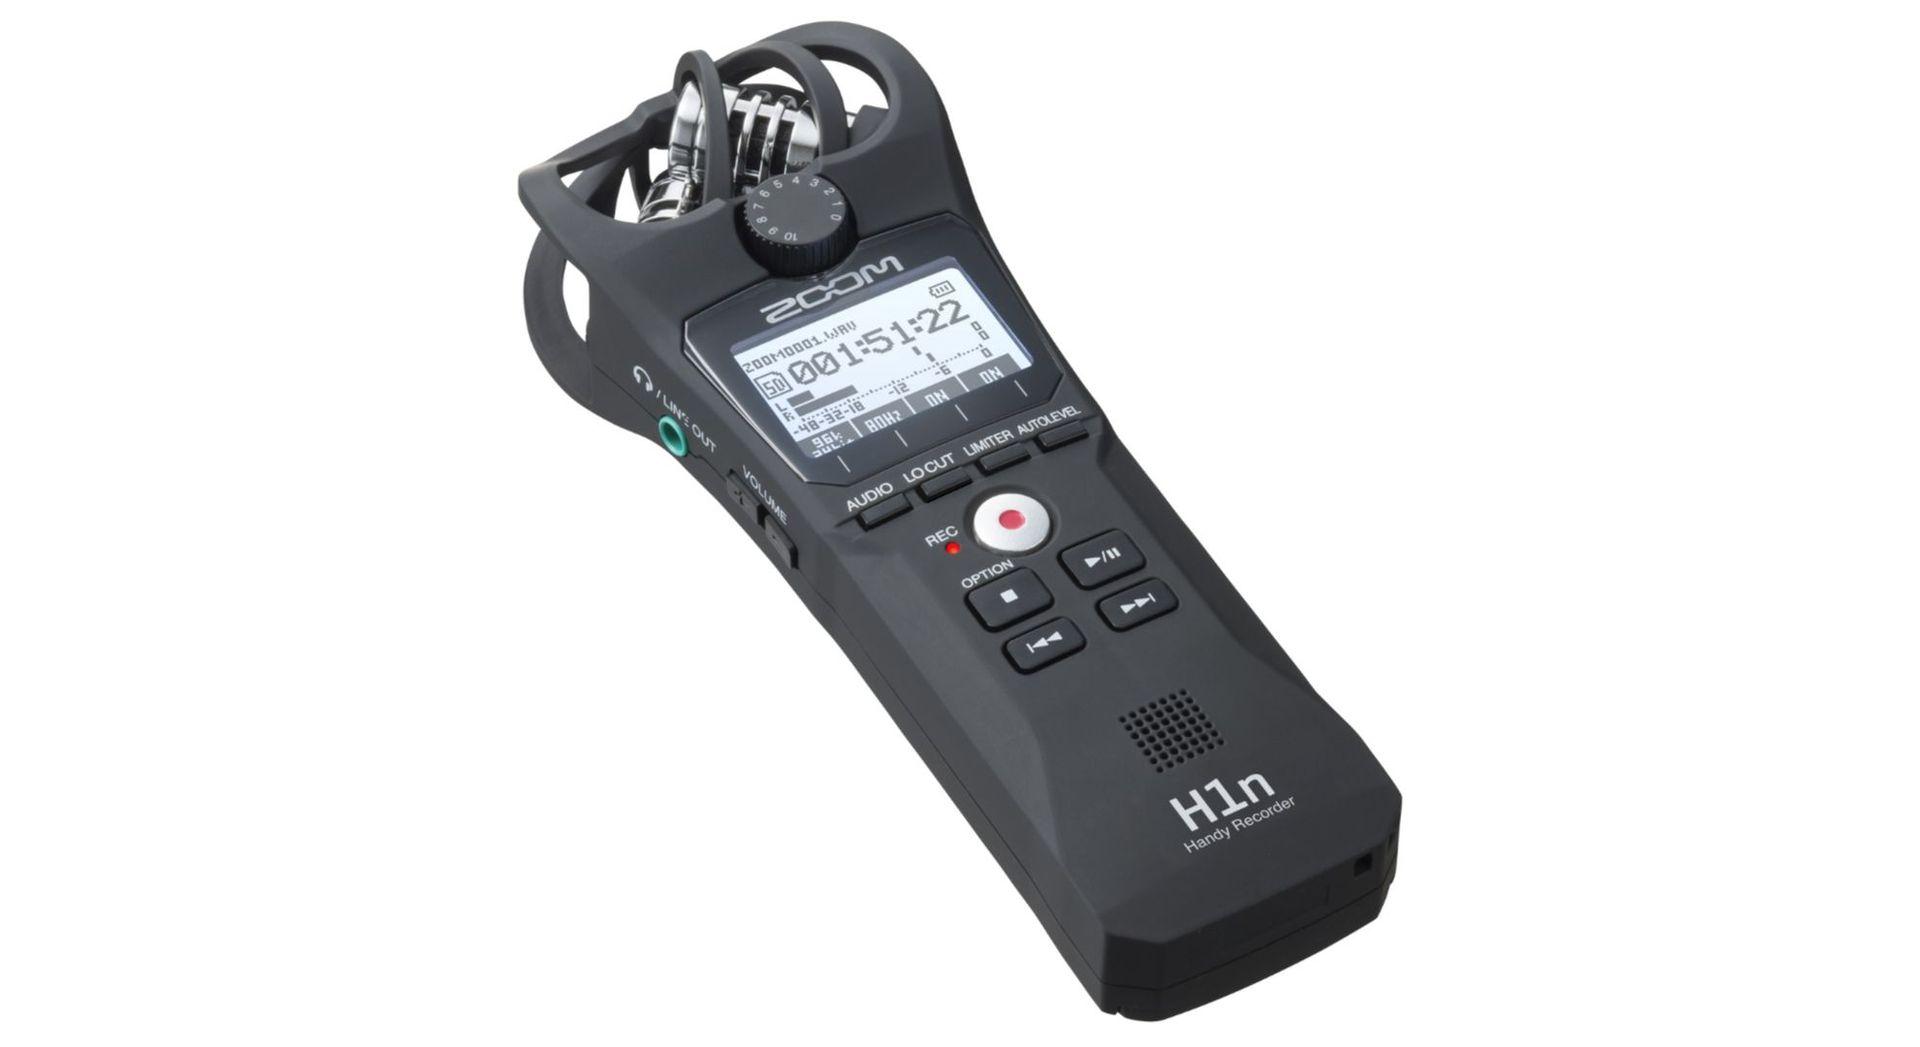 Zoom H1n tragbarer MP3/Wave Recorder Handyrecorder